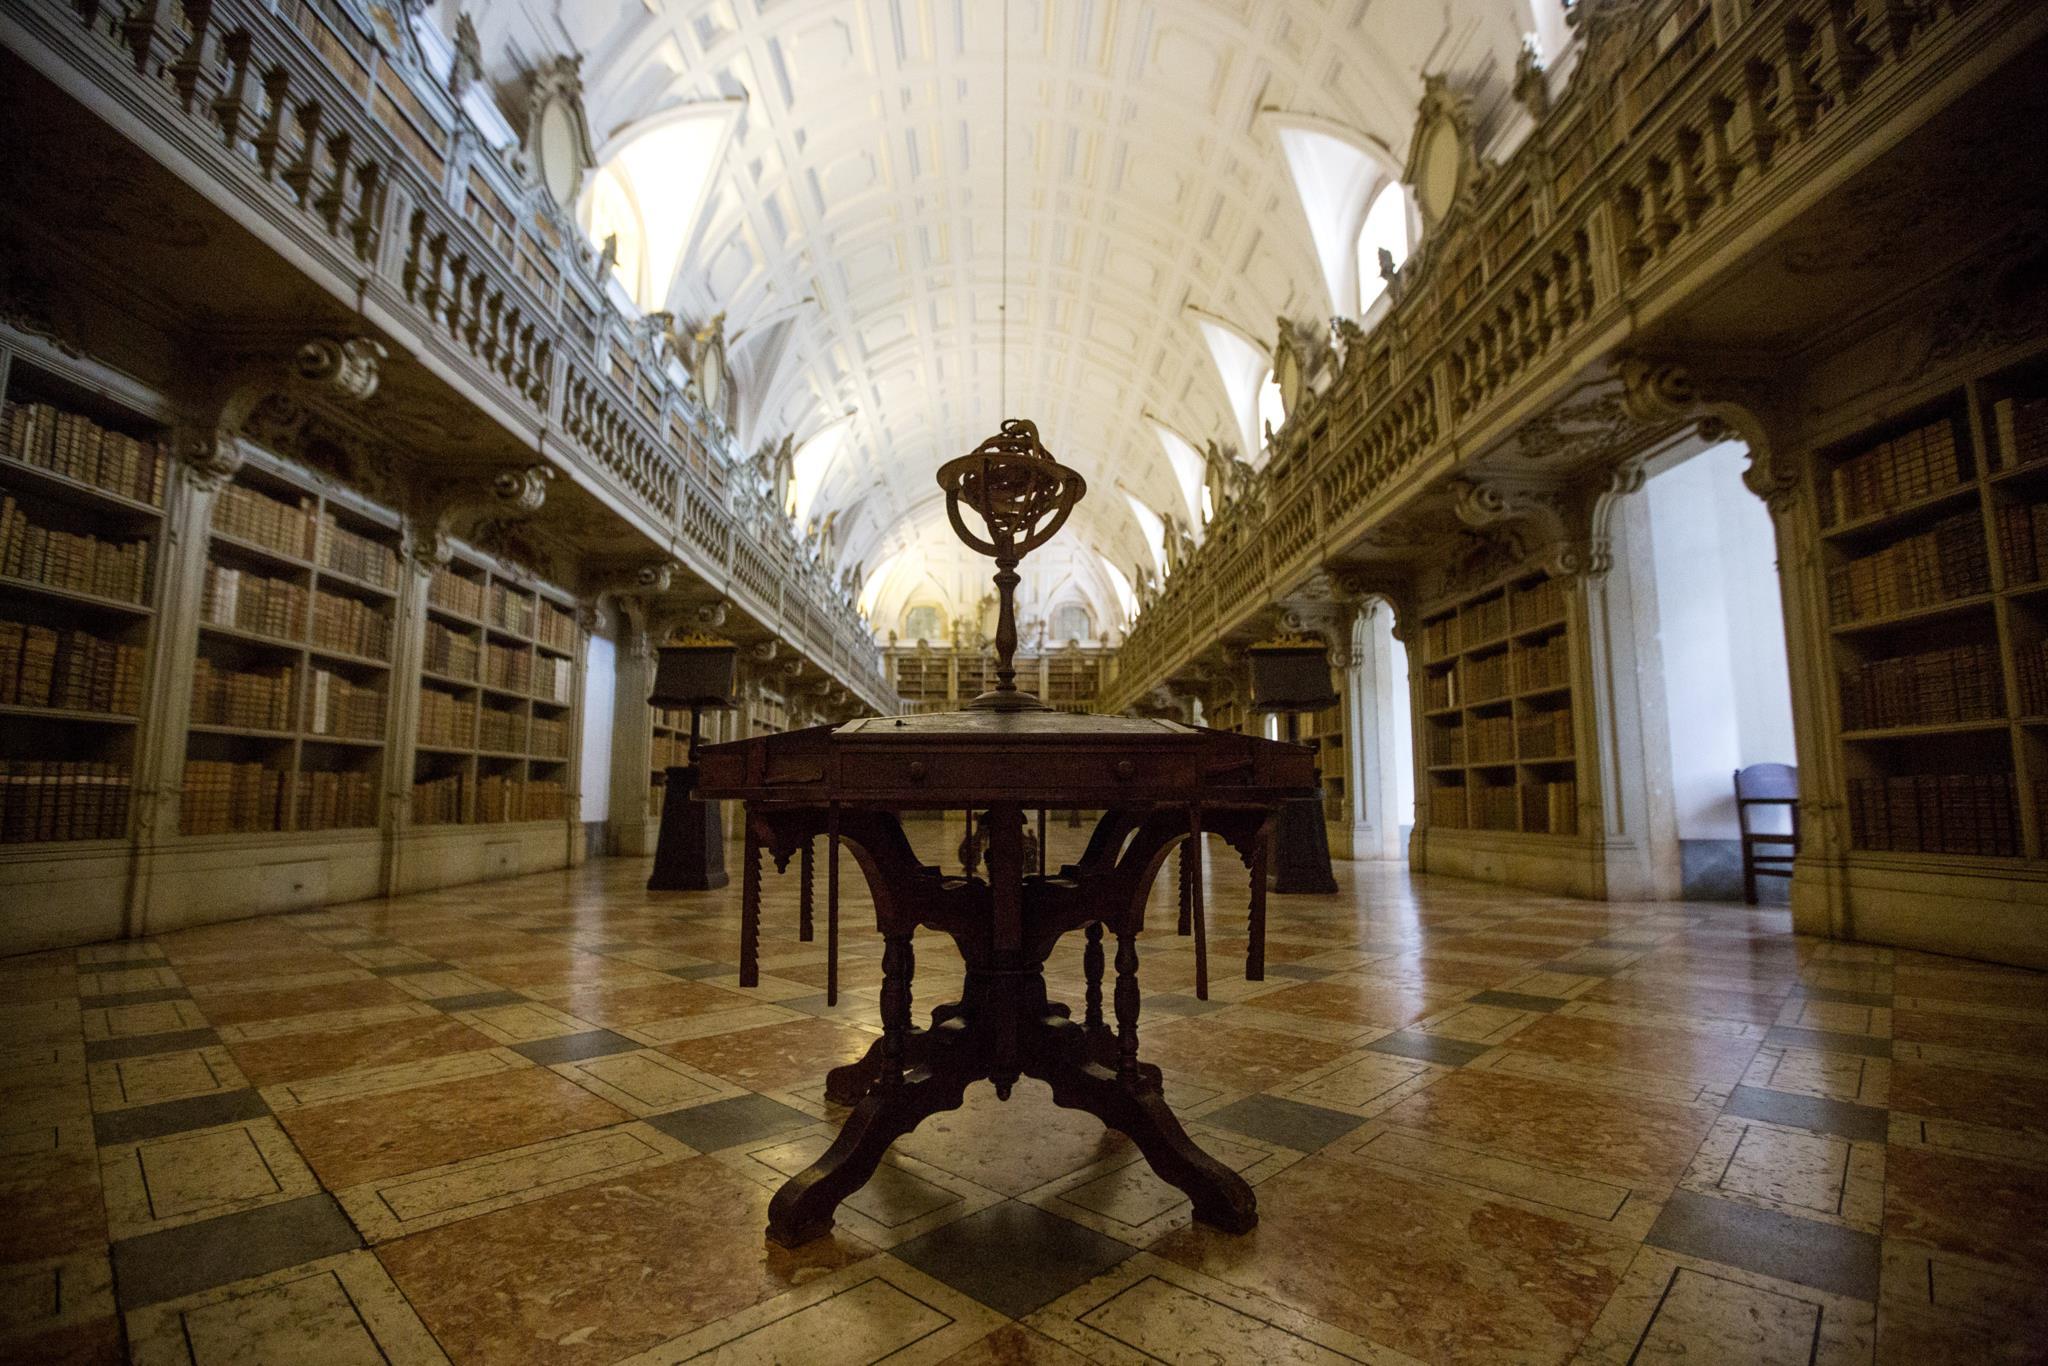 PÚBLICO - A biblioteca de Mafra está congelada e isso é bom